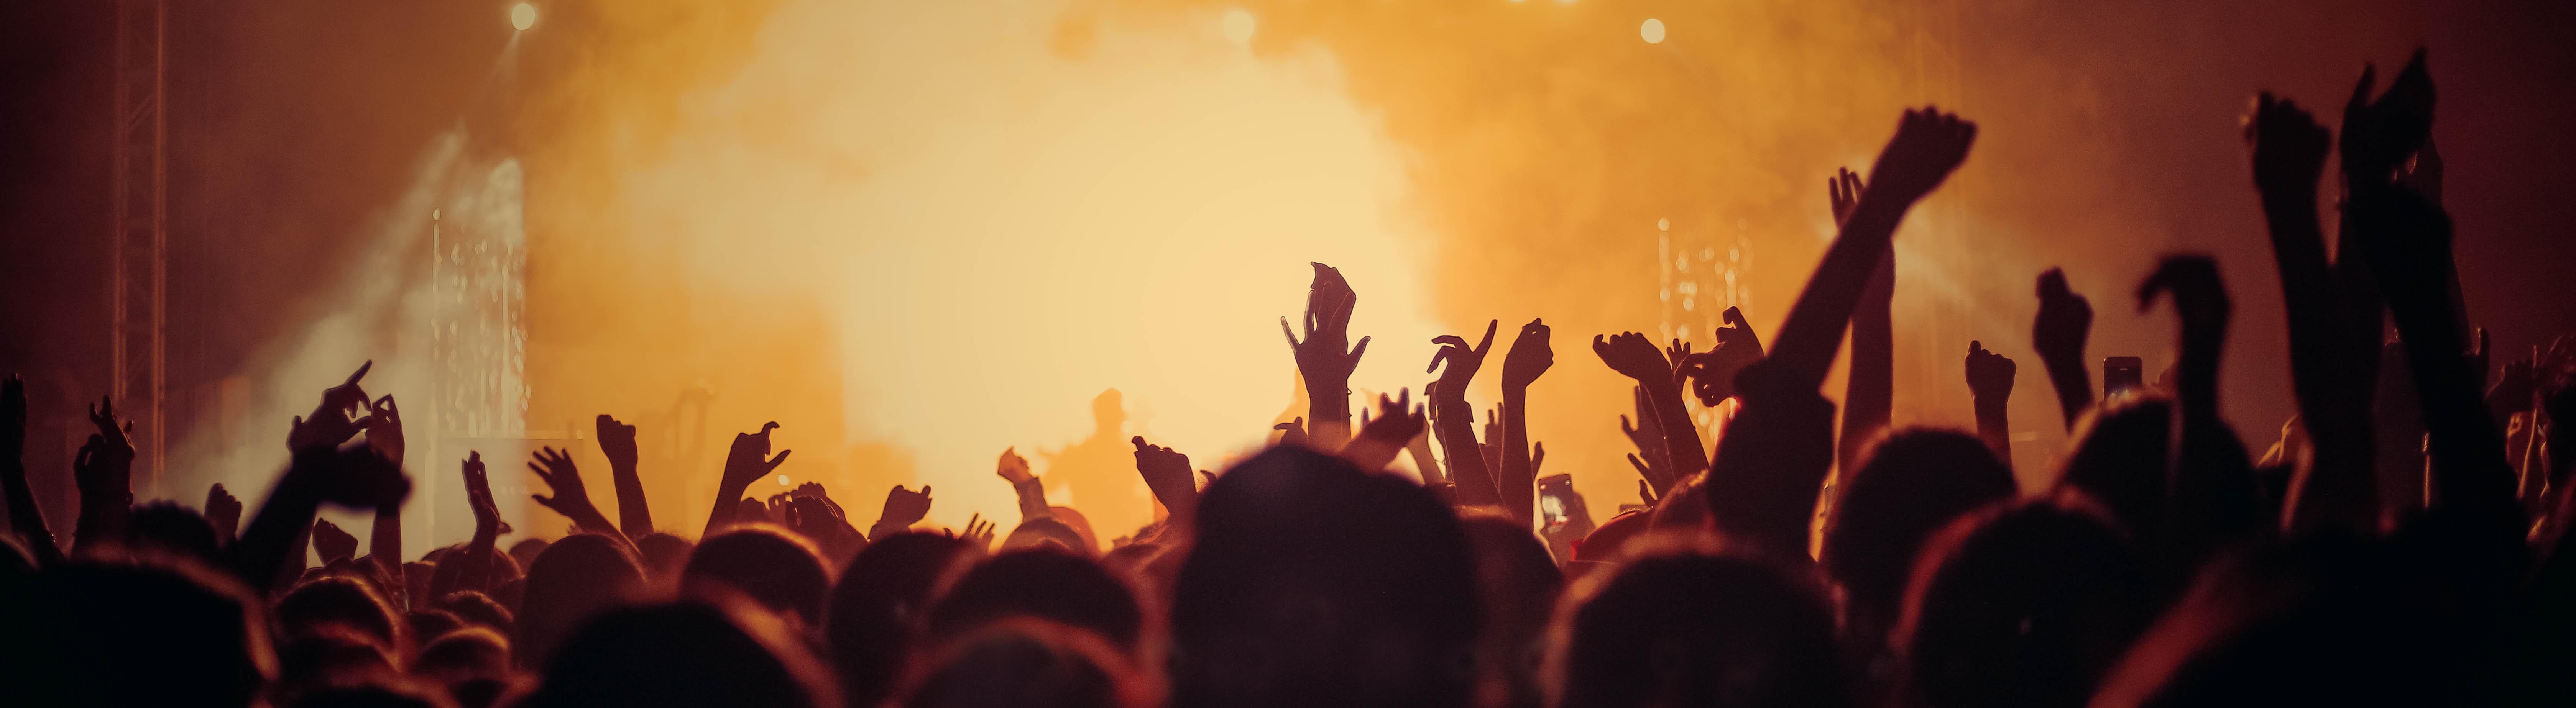 Konzertbesucher im Gegenlicht vor einer Bühne